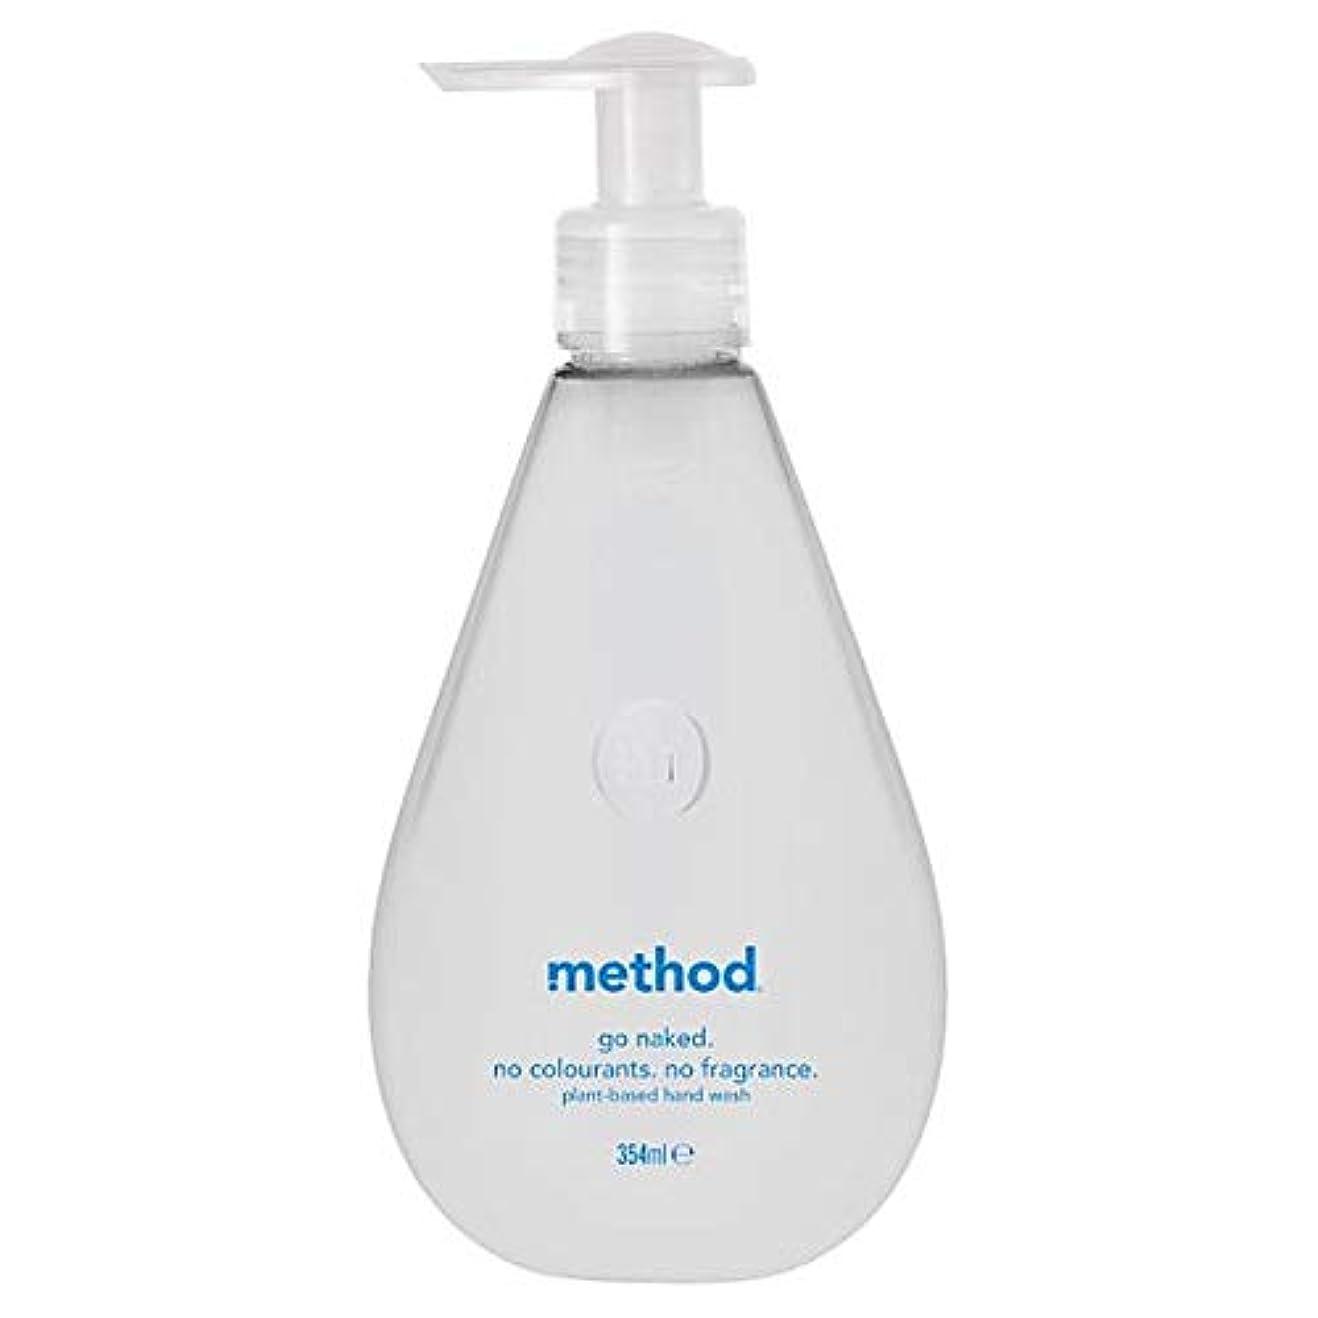 家事をするピル脅かす[Method ] 方法裸手洗いゲル354ミリリットル - Method Naked Hand Wash Gel 354Ml [並行輸入品]